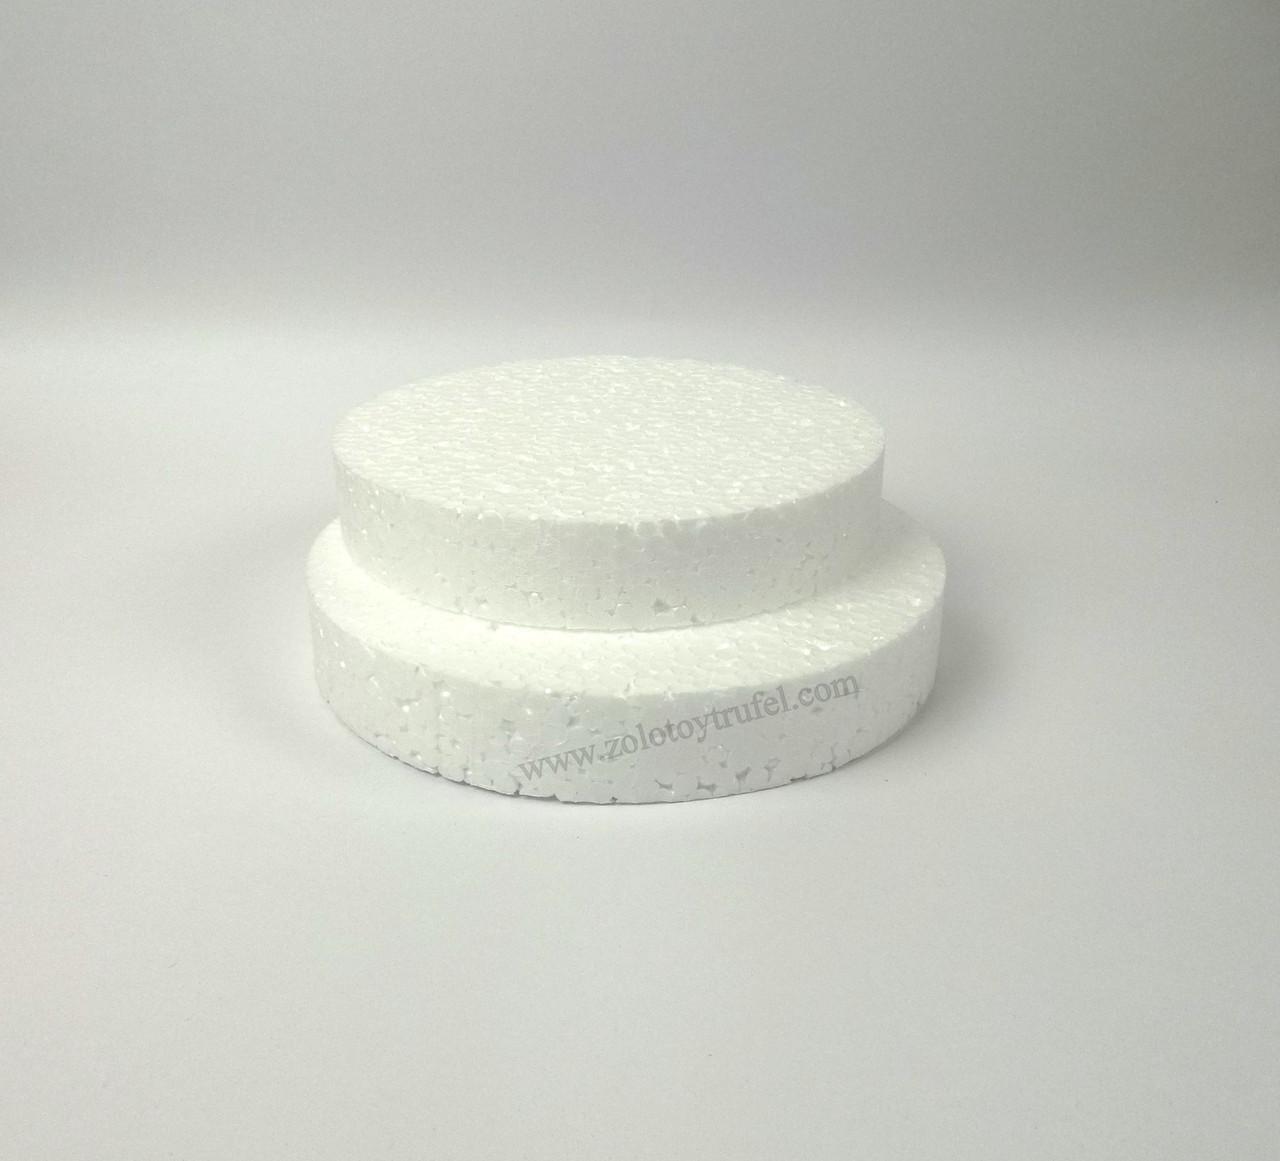 Прослойки пенопластовые для торта d  21 см h 3 см